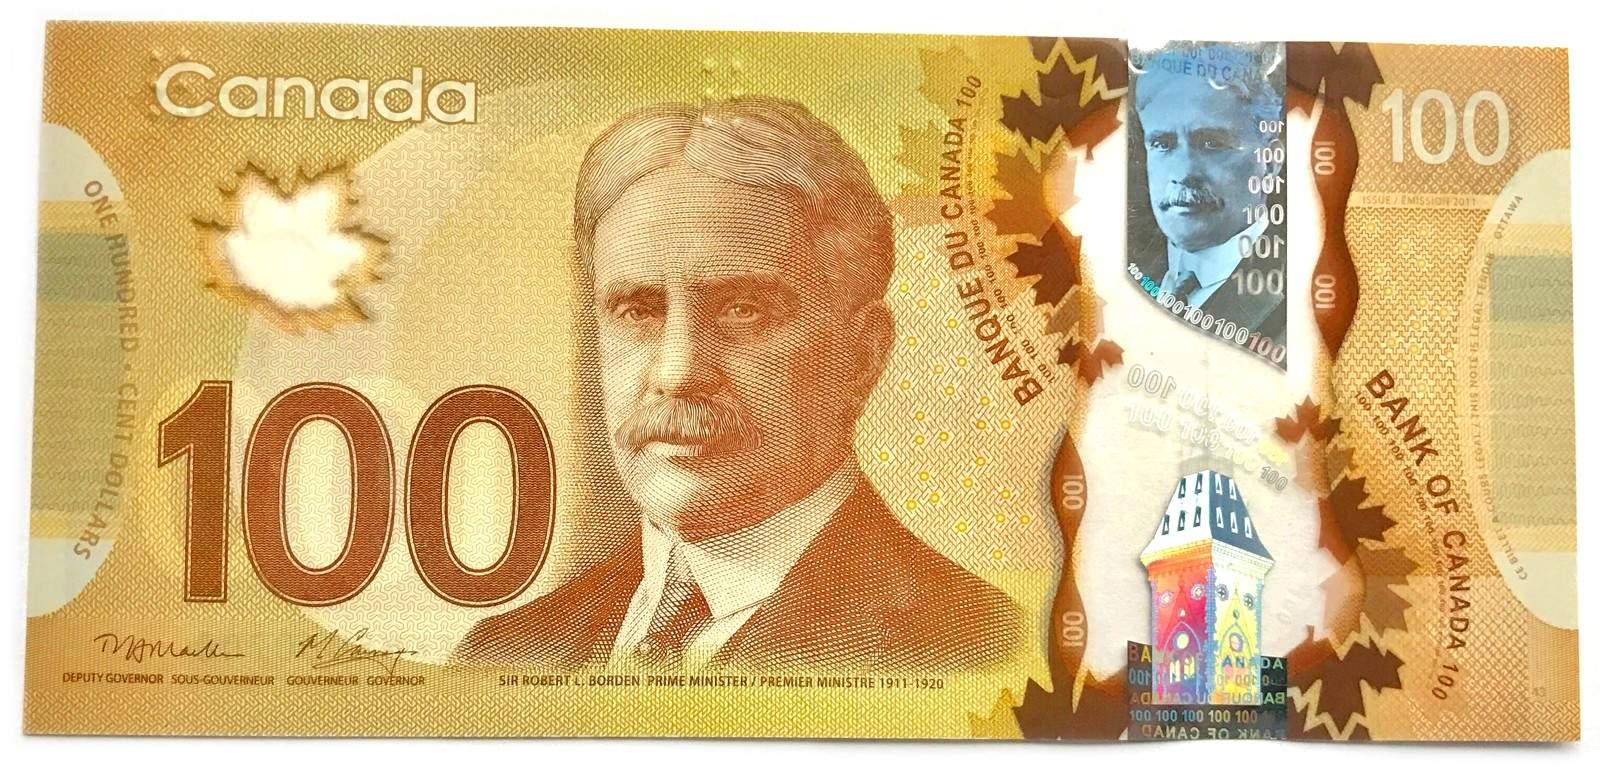 Tiền canada hôm nay đồng 100 dollar